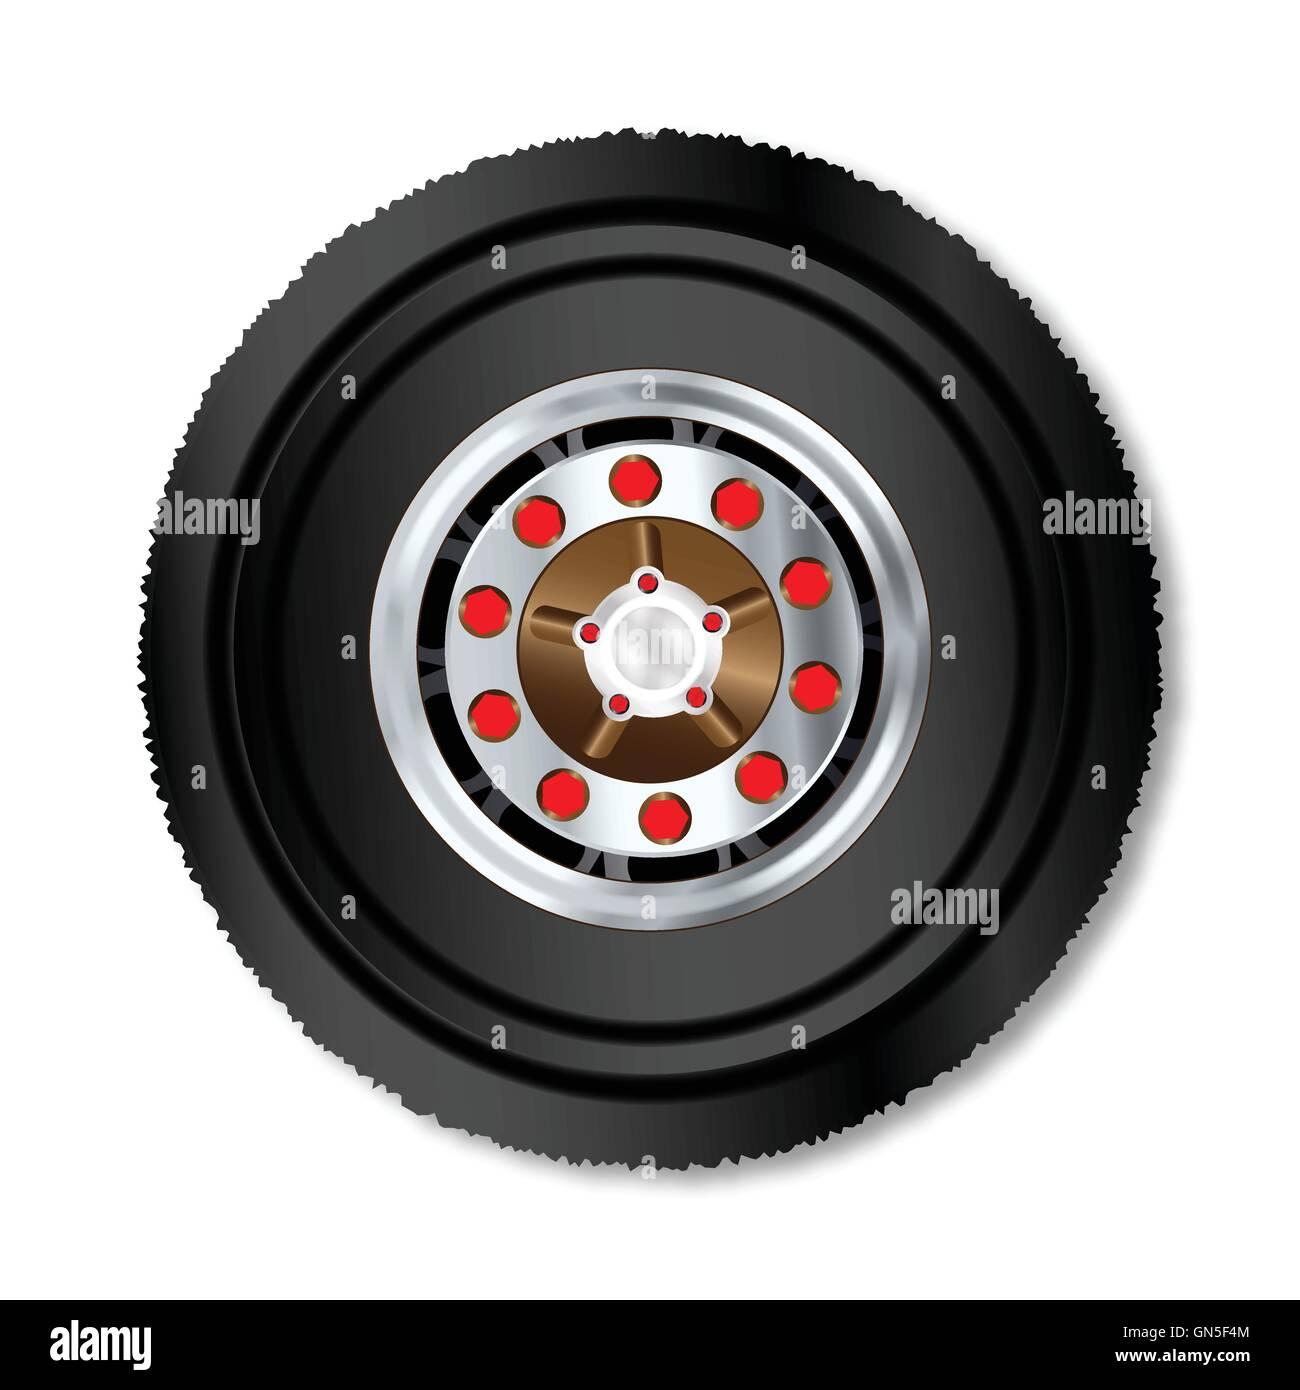 Truck Wheel - Stock Vector